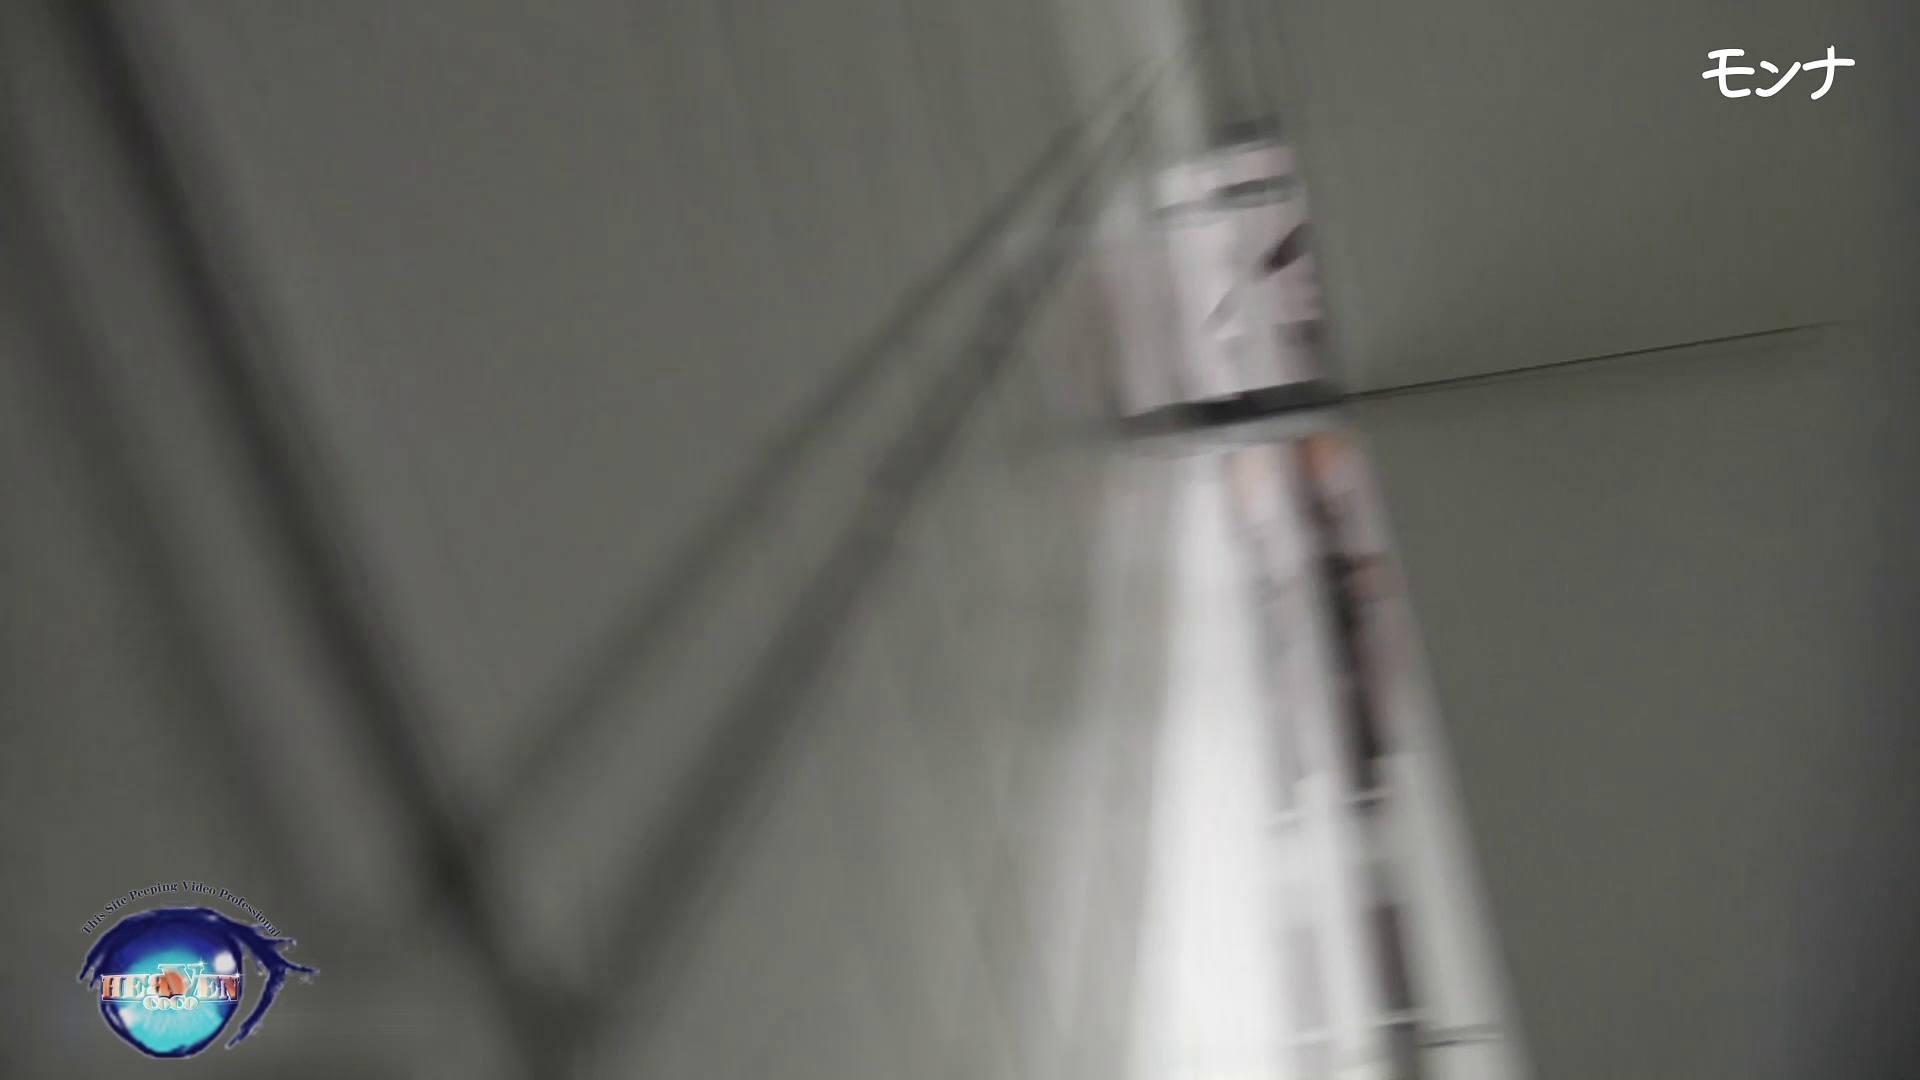 【美しい日本の未来】美しい日本の未来 No.77 聖職者のような清楚さを持ち合わせながら… 盗撮シリーズ | おまんこ見放題  108PIX 15